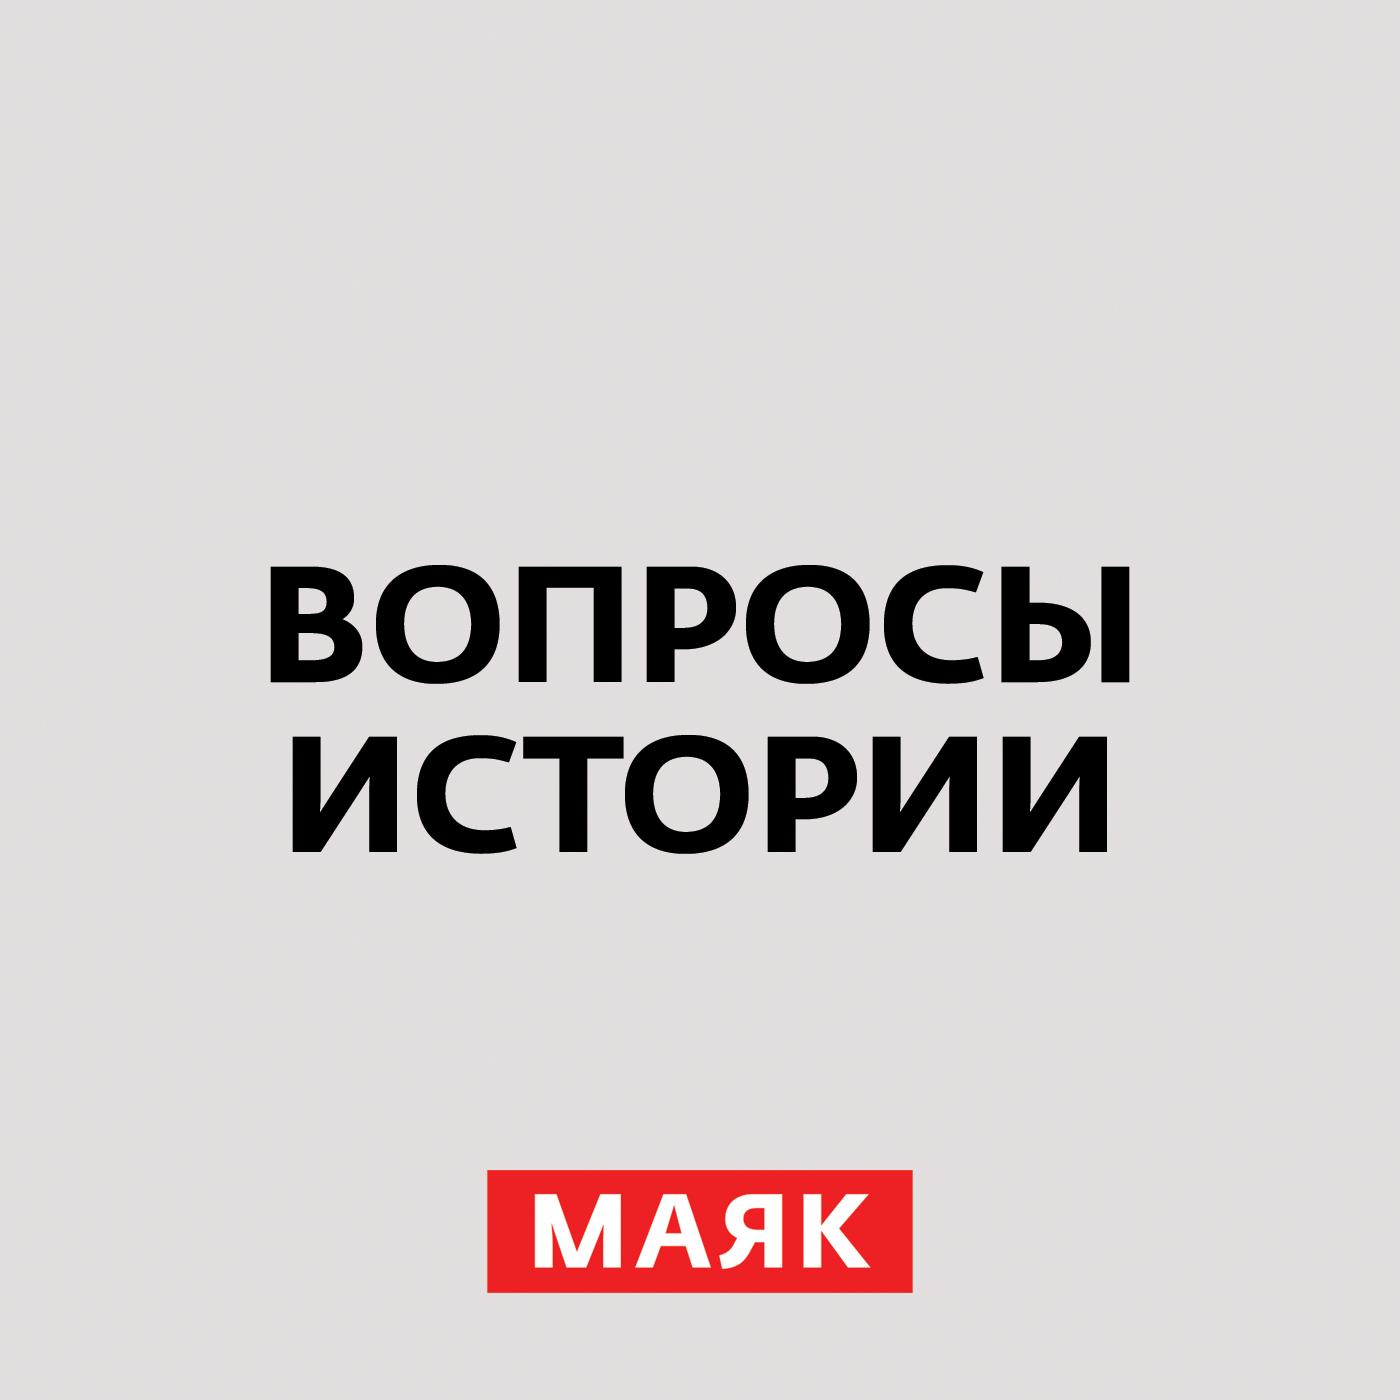 Андрей Светенко 22 июня: к какой войне готовился Советский Союз? Часть 3 андрей светенко 22 июня 1941 года – незаживающая рана истории